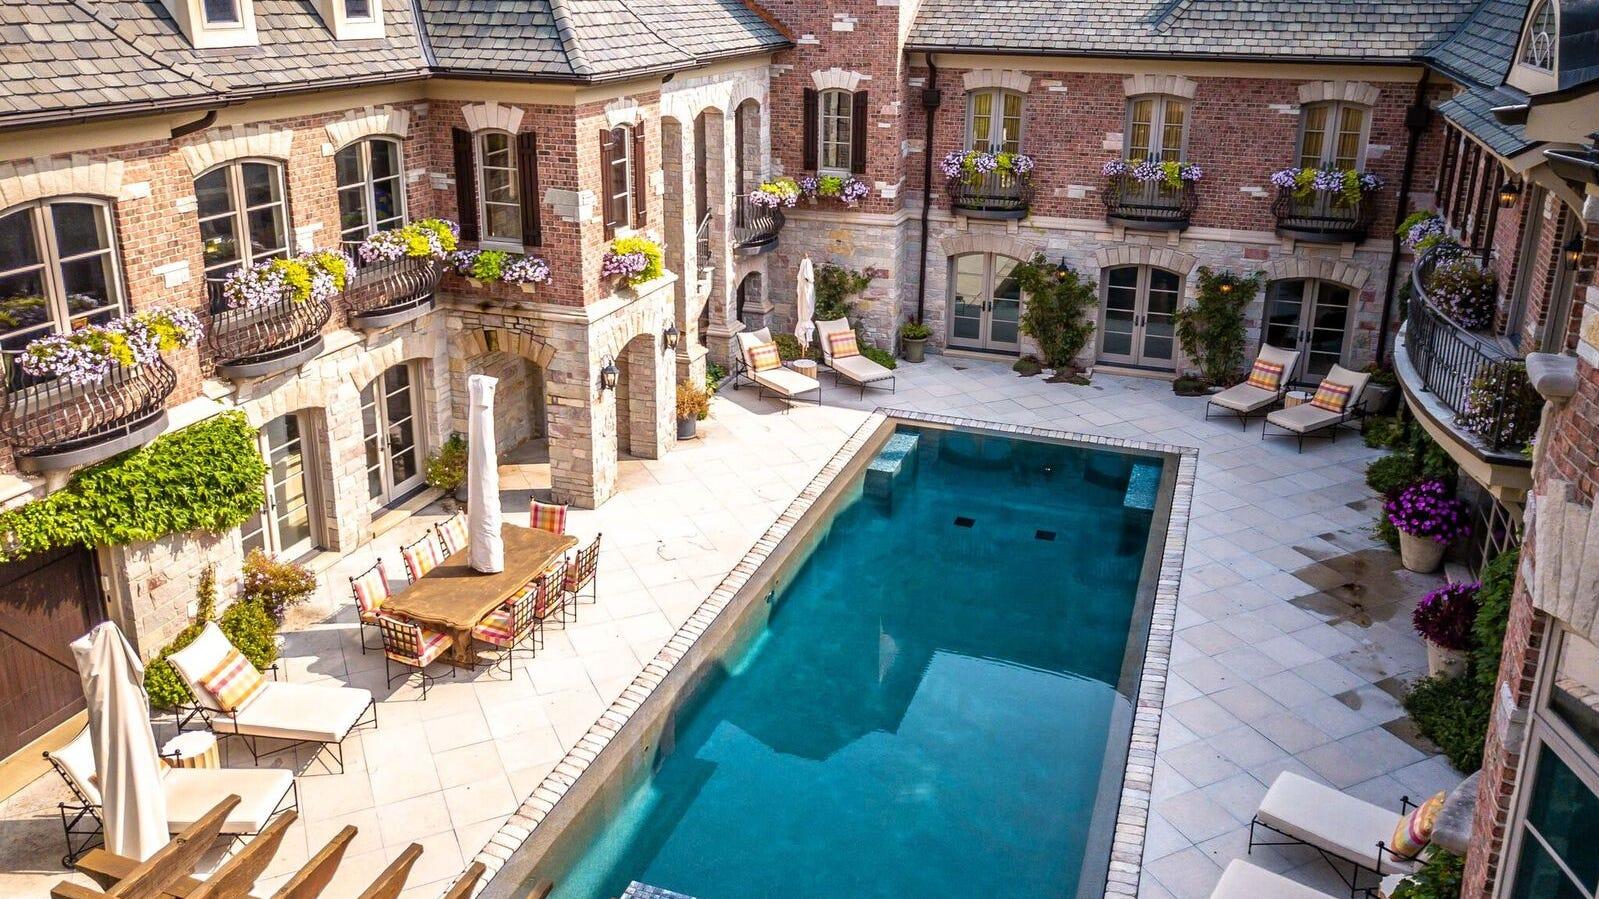 Michigan Dream Home: Bloomfield Hills Italian villa lists for $10.5M